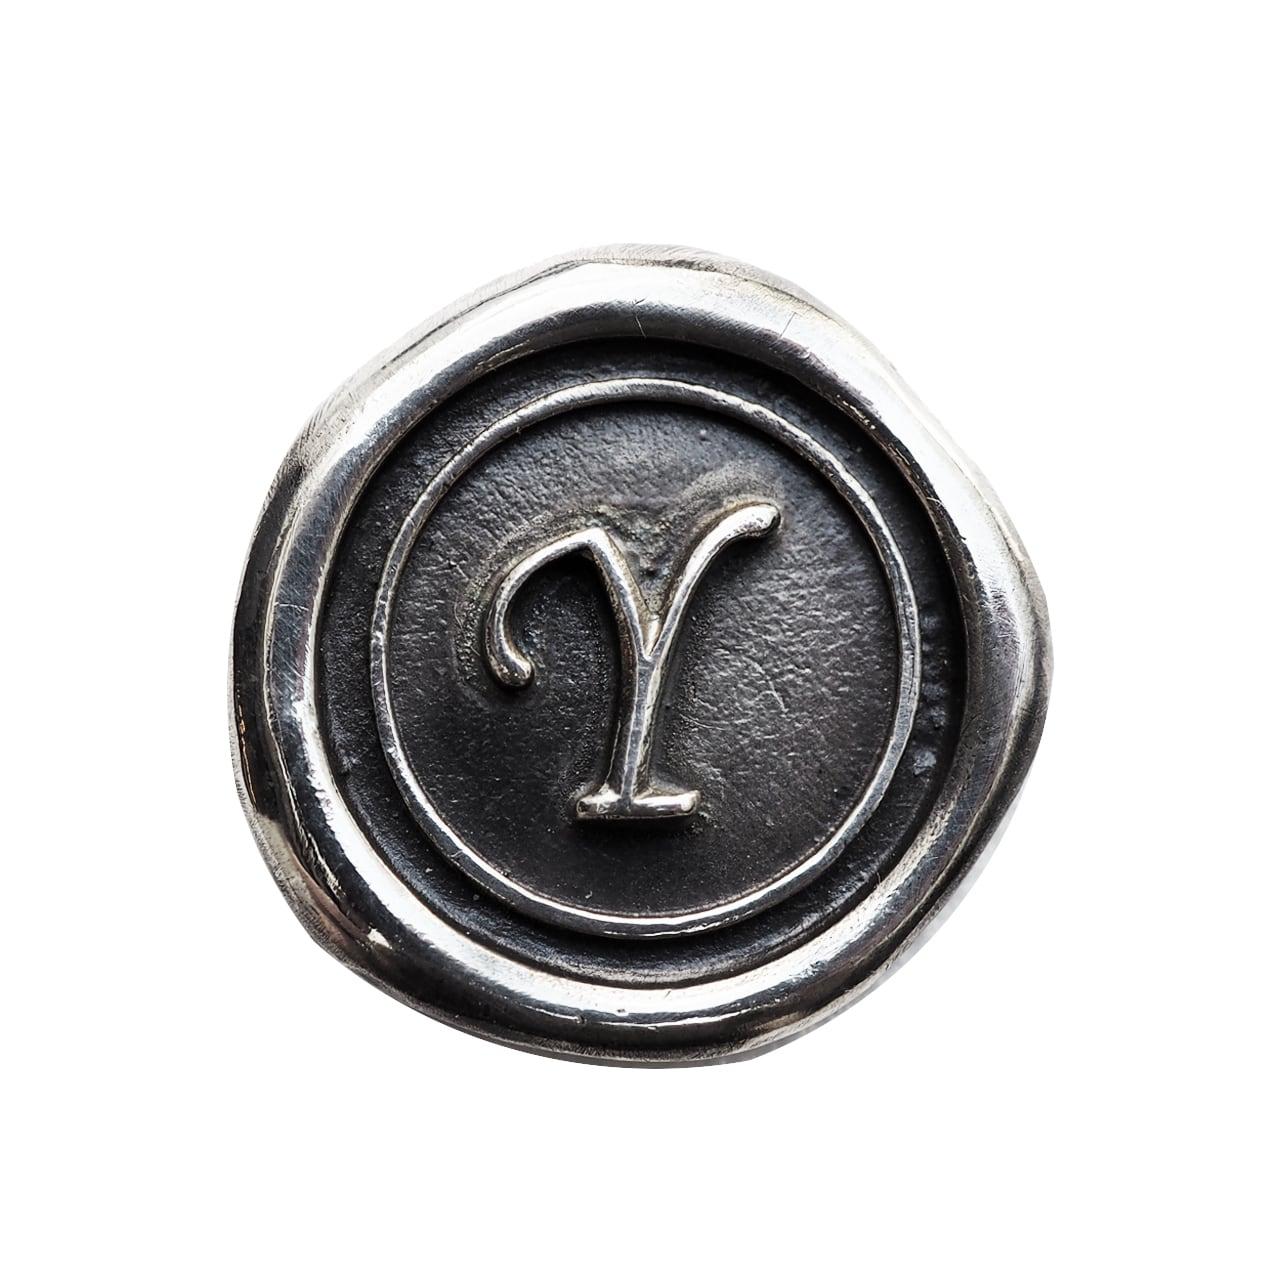 シーリングイニシャル S 〈Y〉 シルバー / コンチョボタン